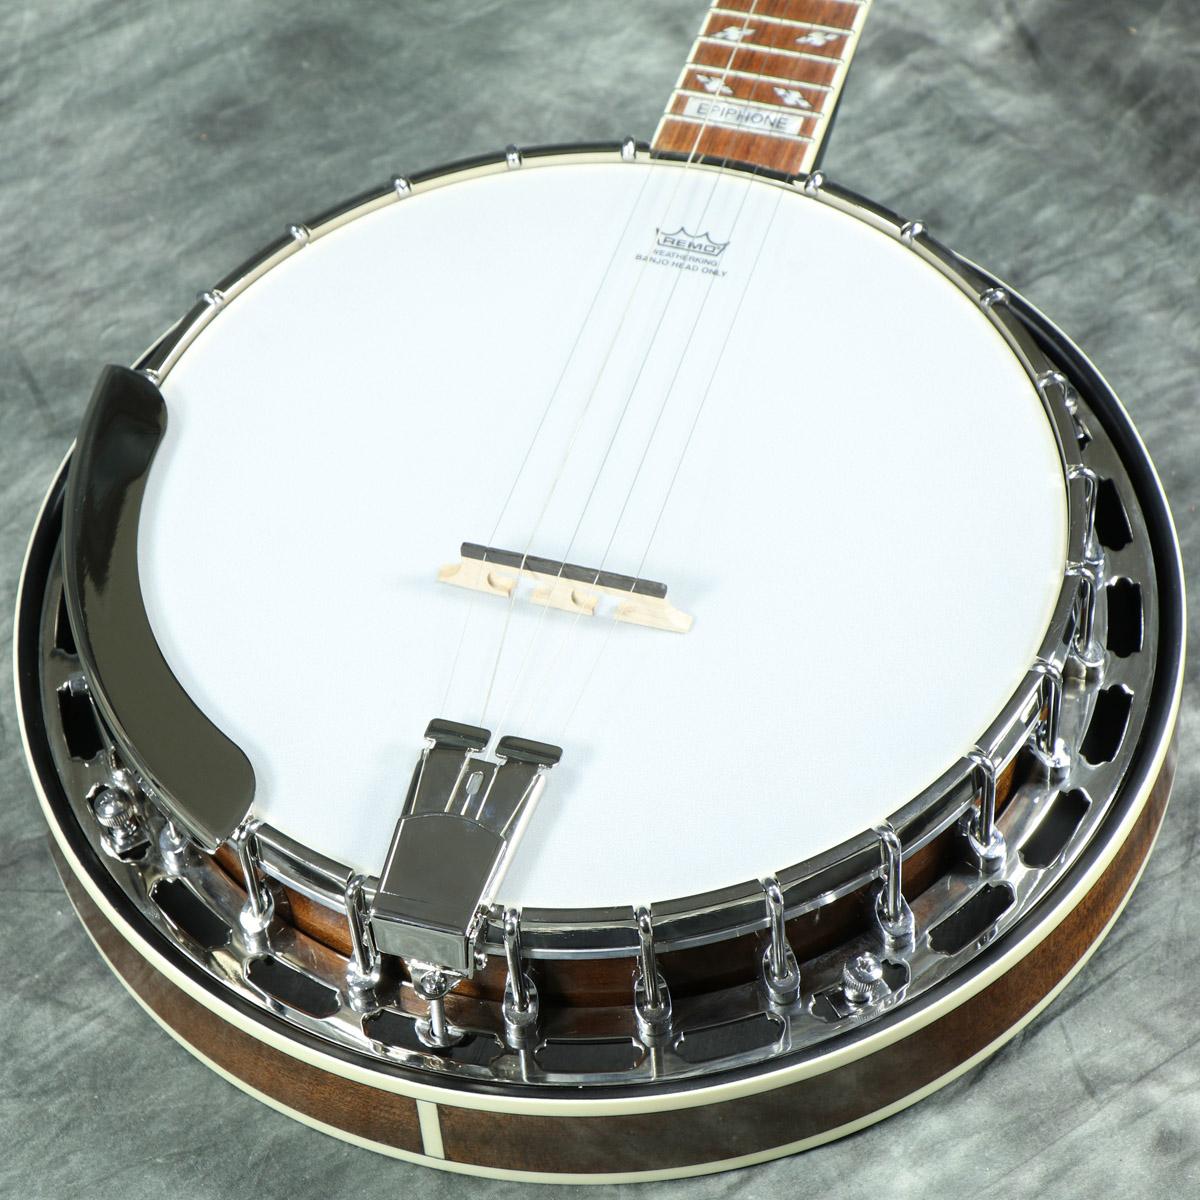 【タイムセール:26日12時まで】Epiphone / Mayfair 5-String Banjo Mahogany 【5弦バンジョー】 エピフォン ブルーグラス